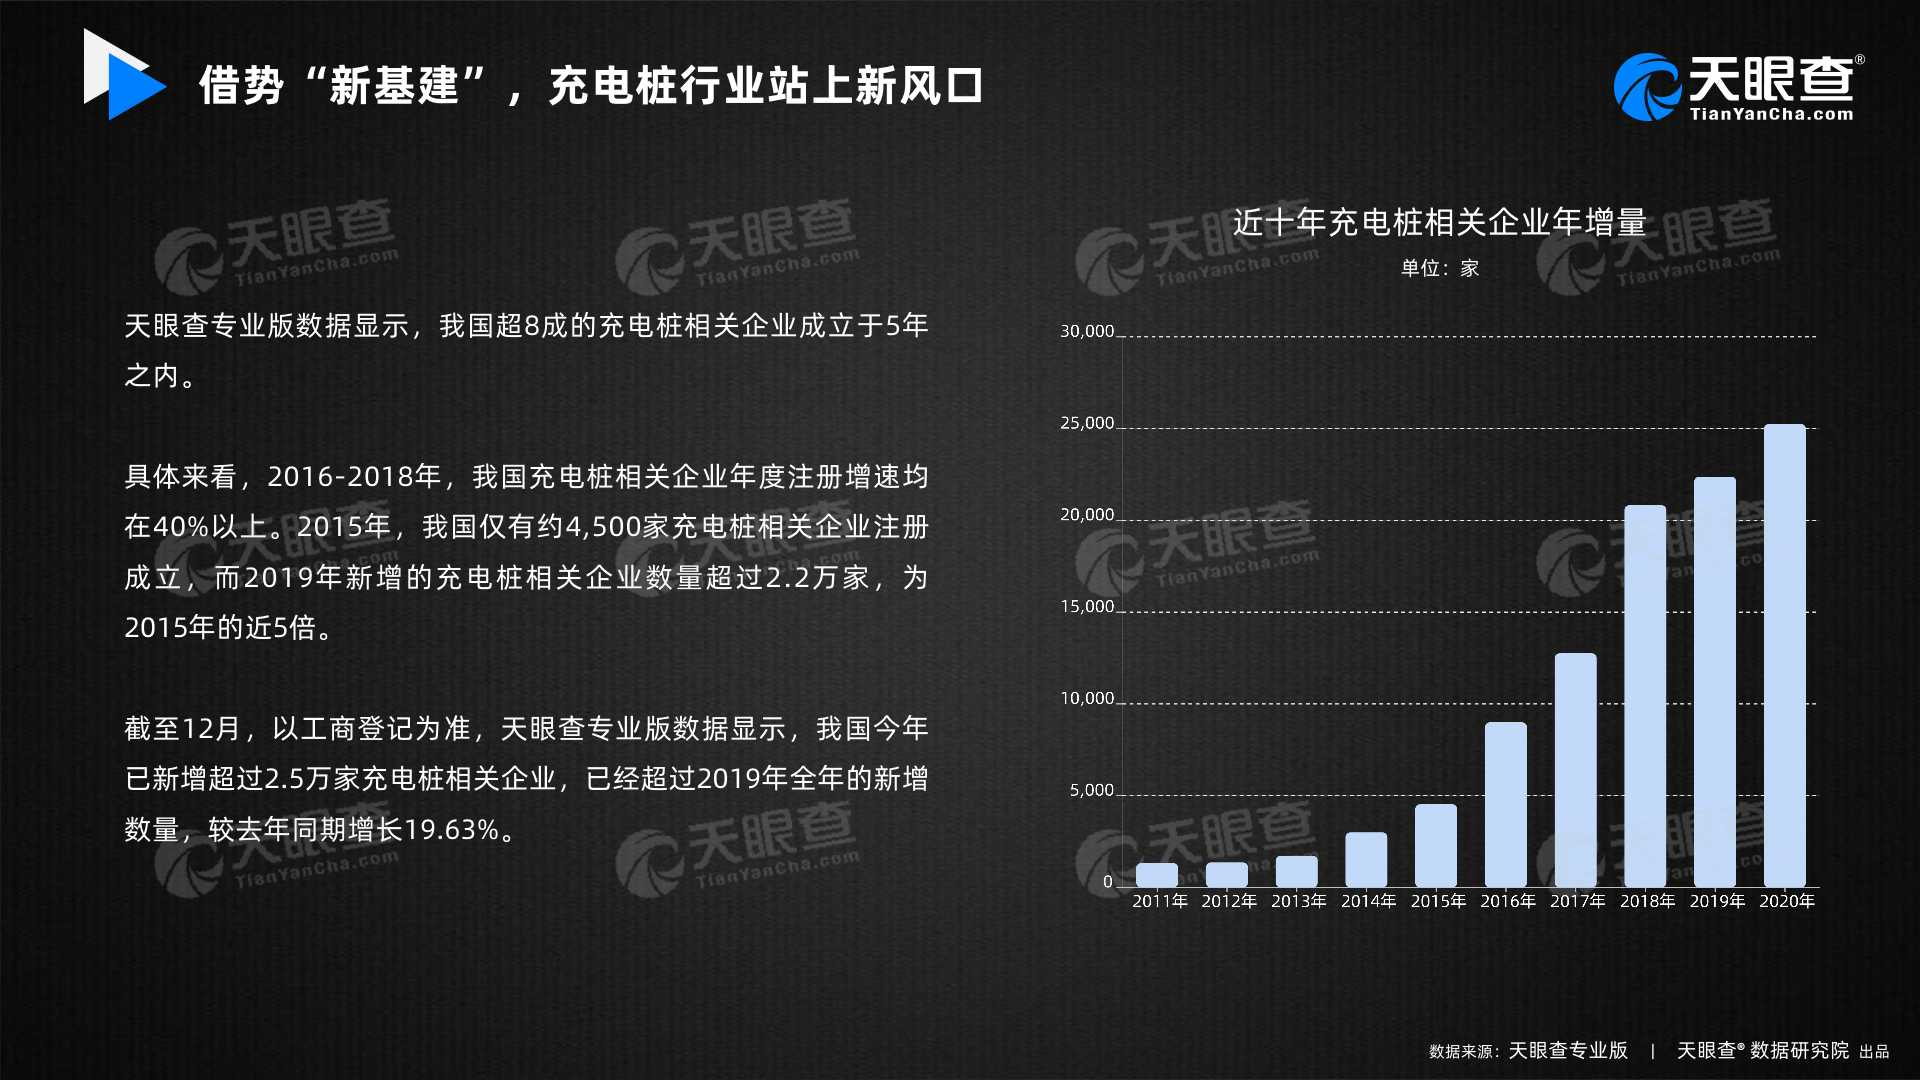 """借势""""新基建"""" 中国超8成的充电桩相关企业成立于5年之内"""